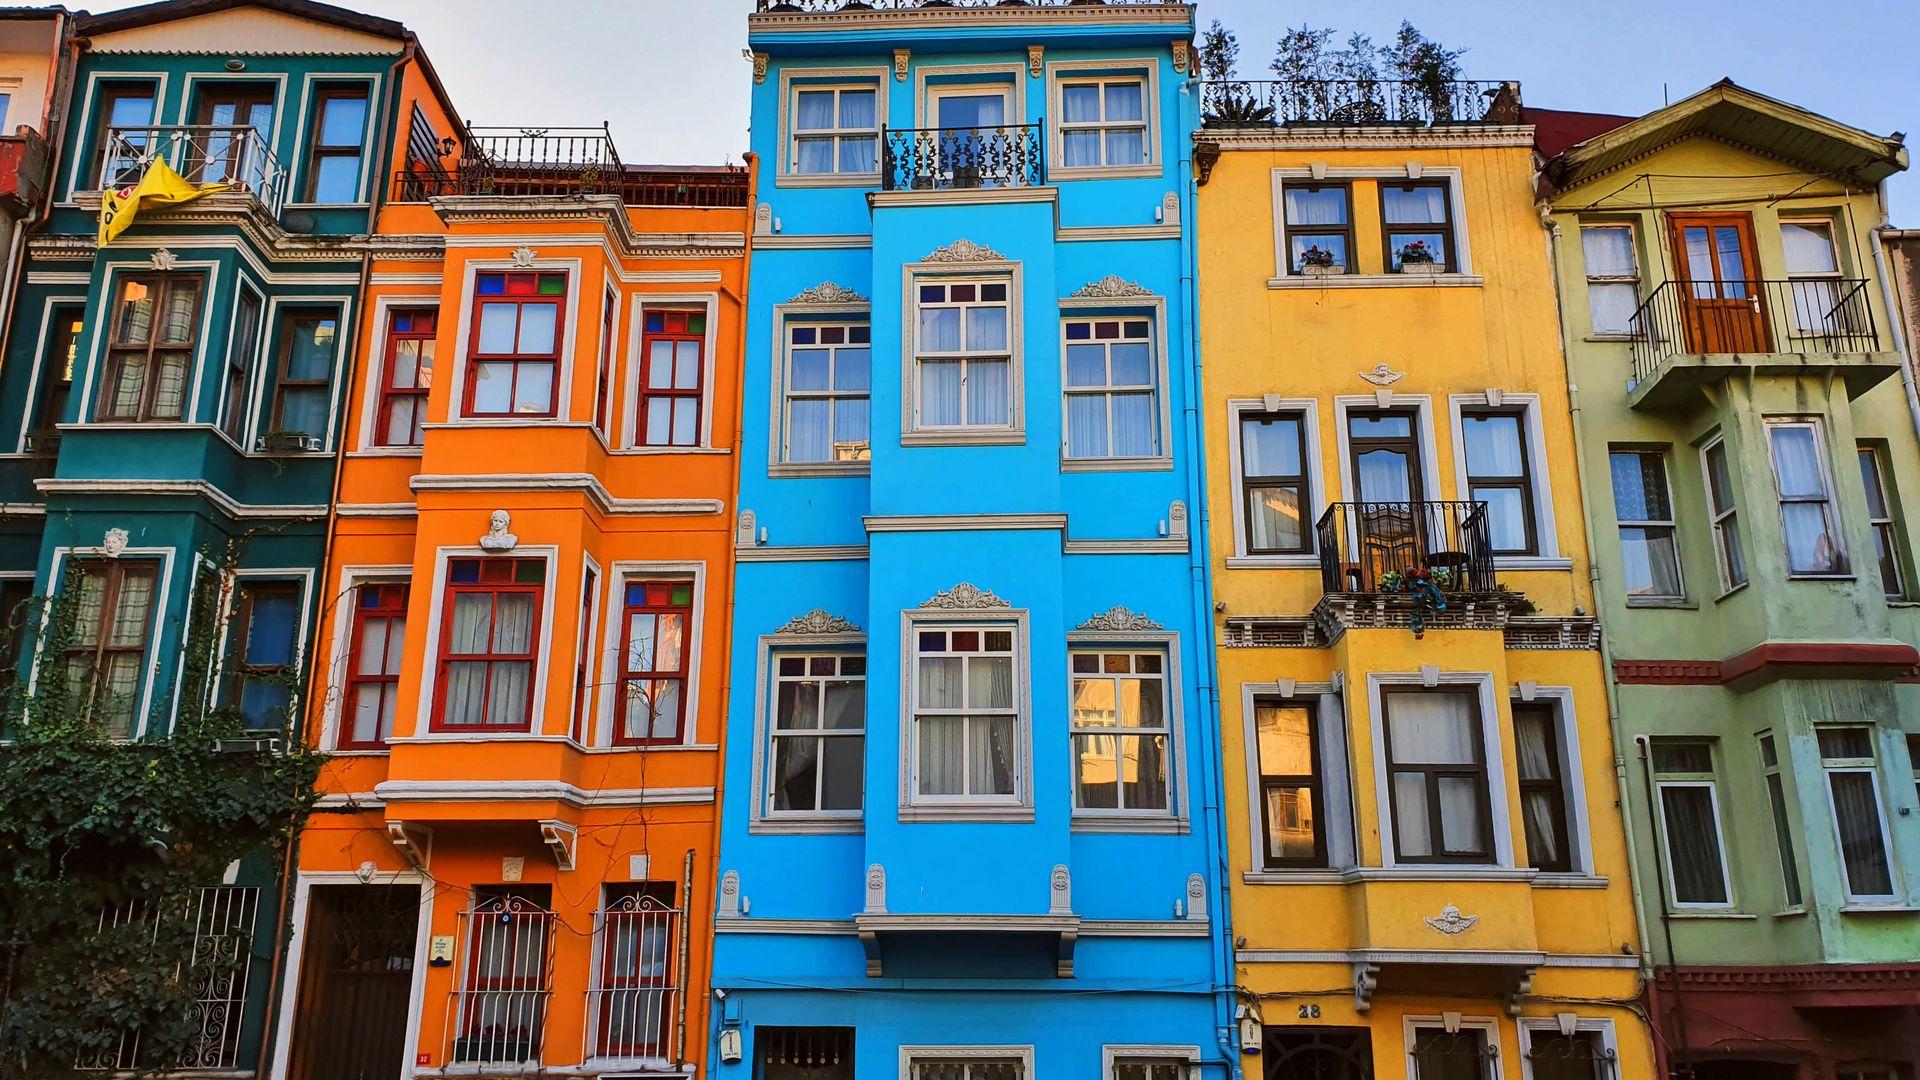 Стамбул нетуристический: яркий, таинственный и шокирующий Старый Балат